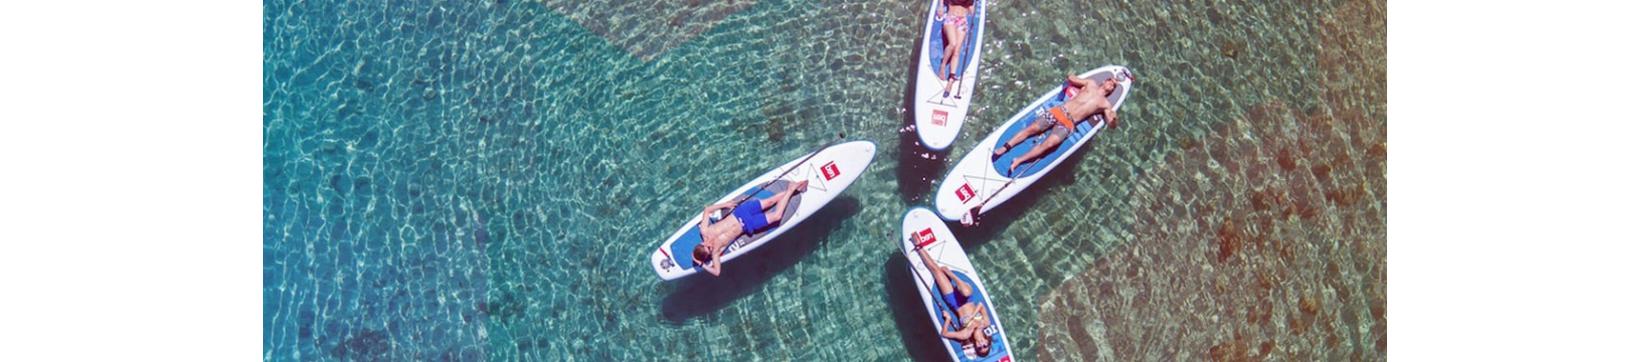 【SUP Hinchables de gran calidad】- Coresurfing